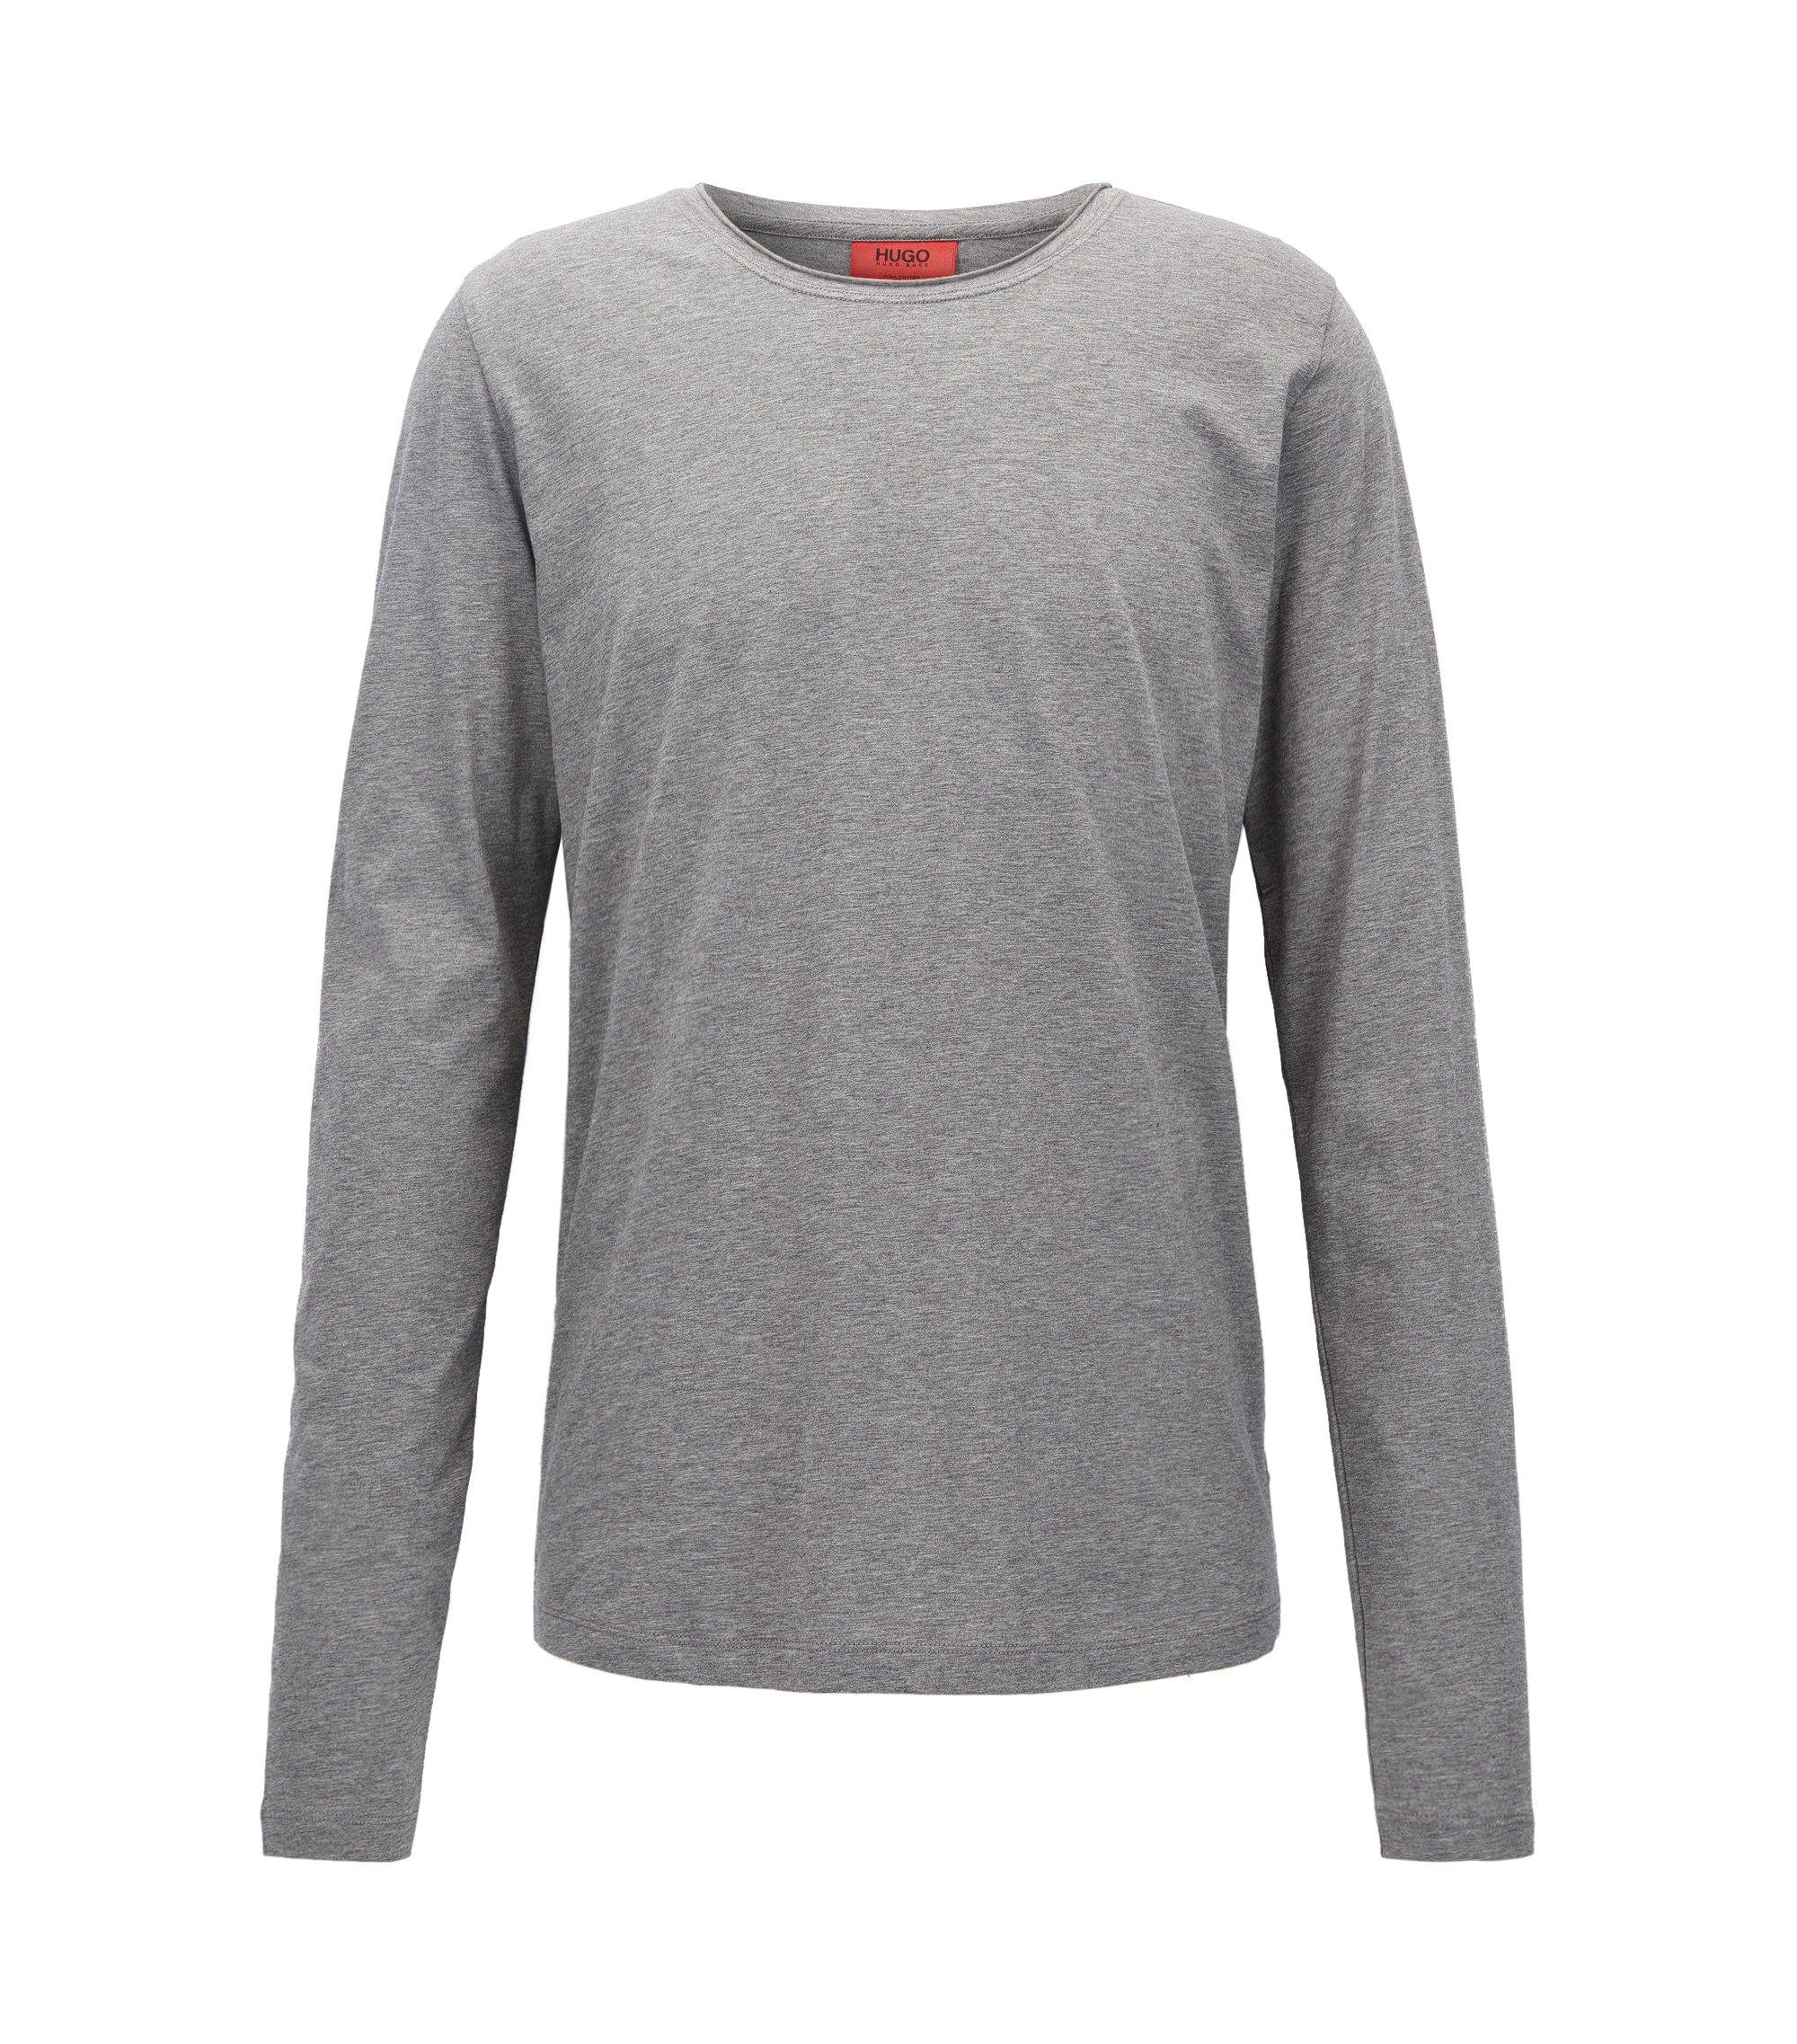 T-shirt Relaxed Fit à manches longues en coton Supima, Gris